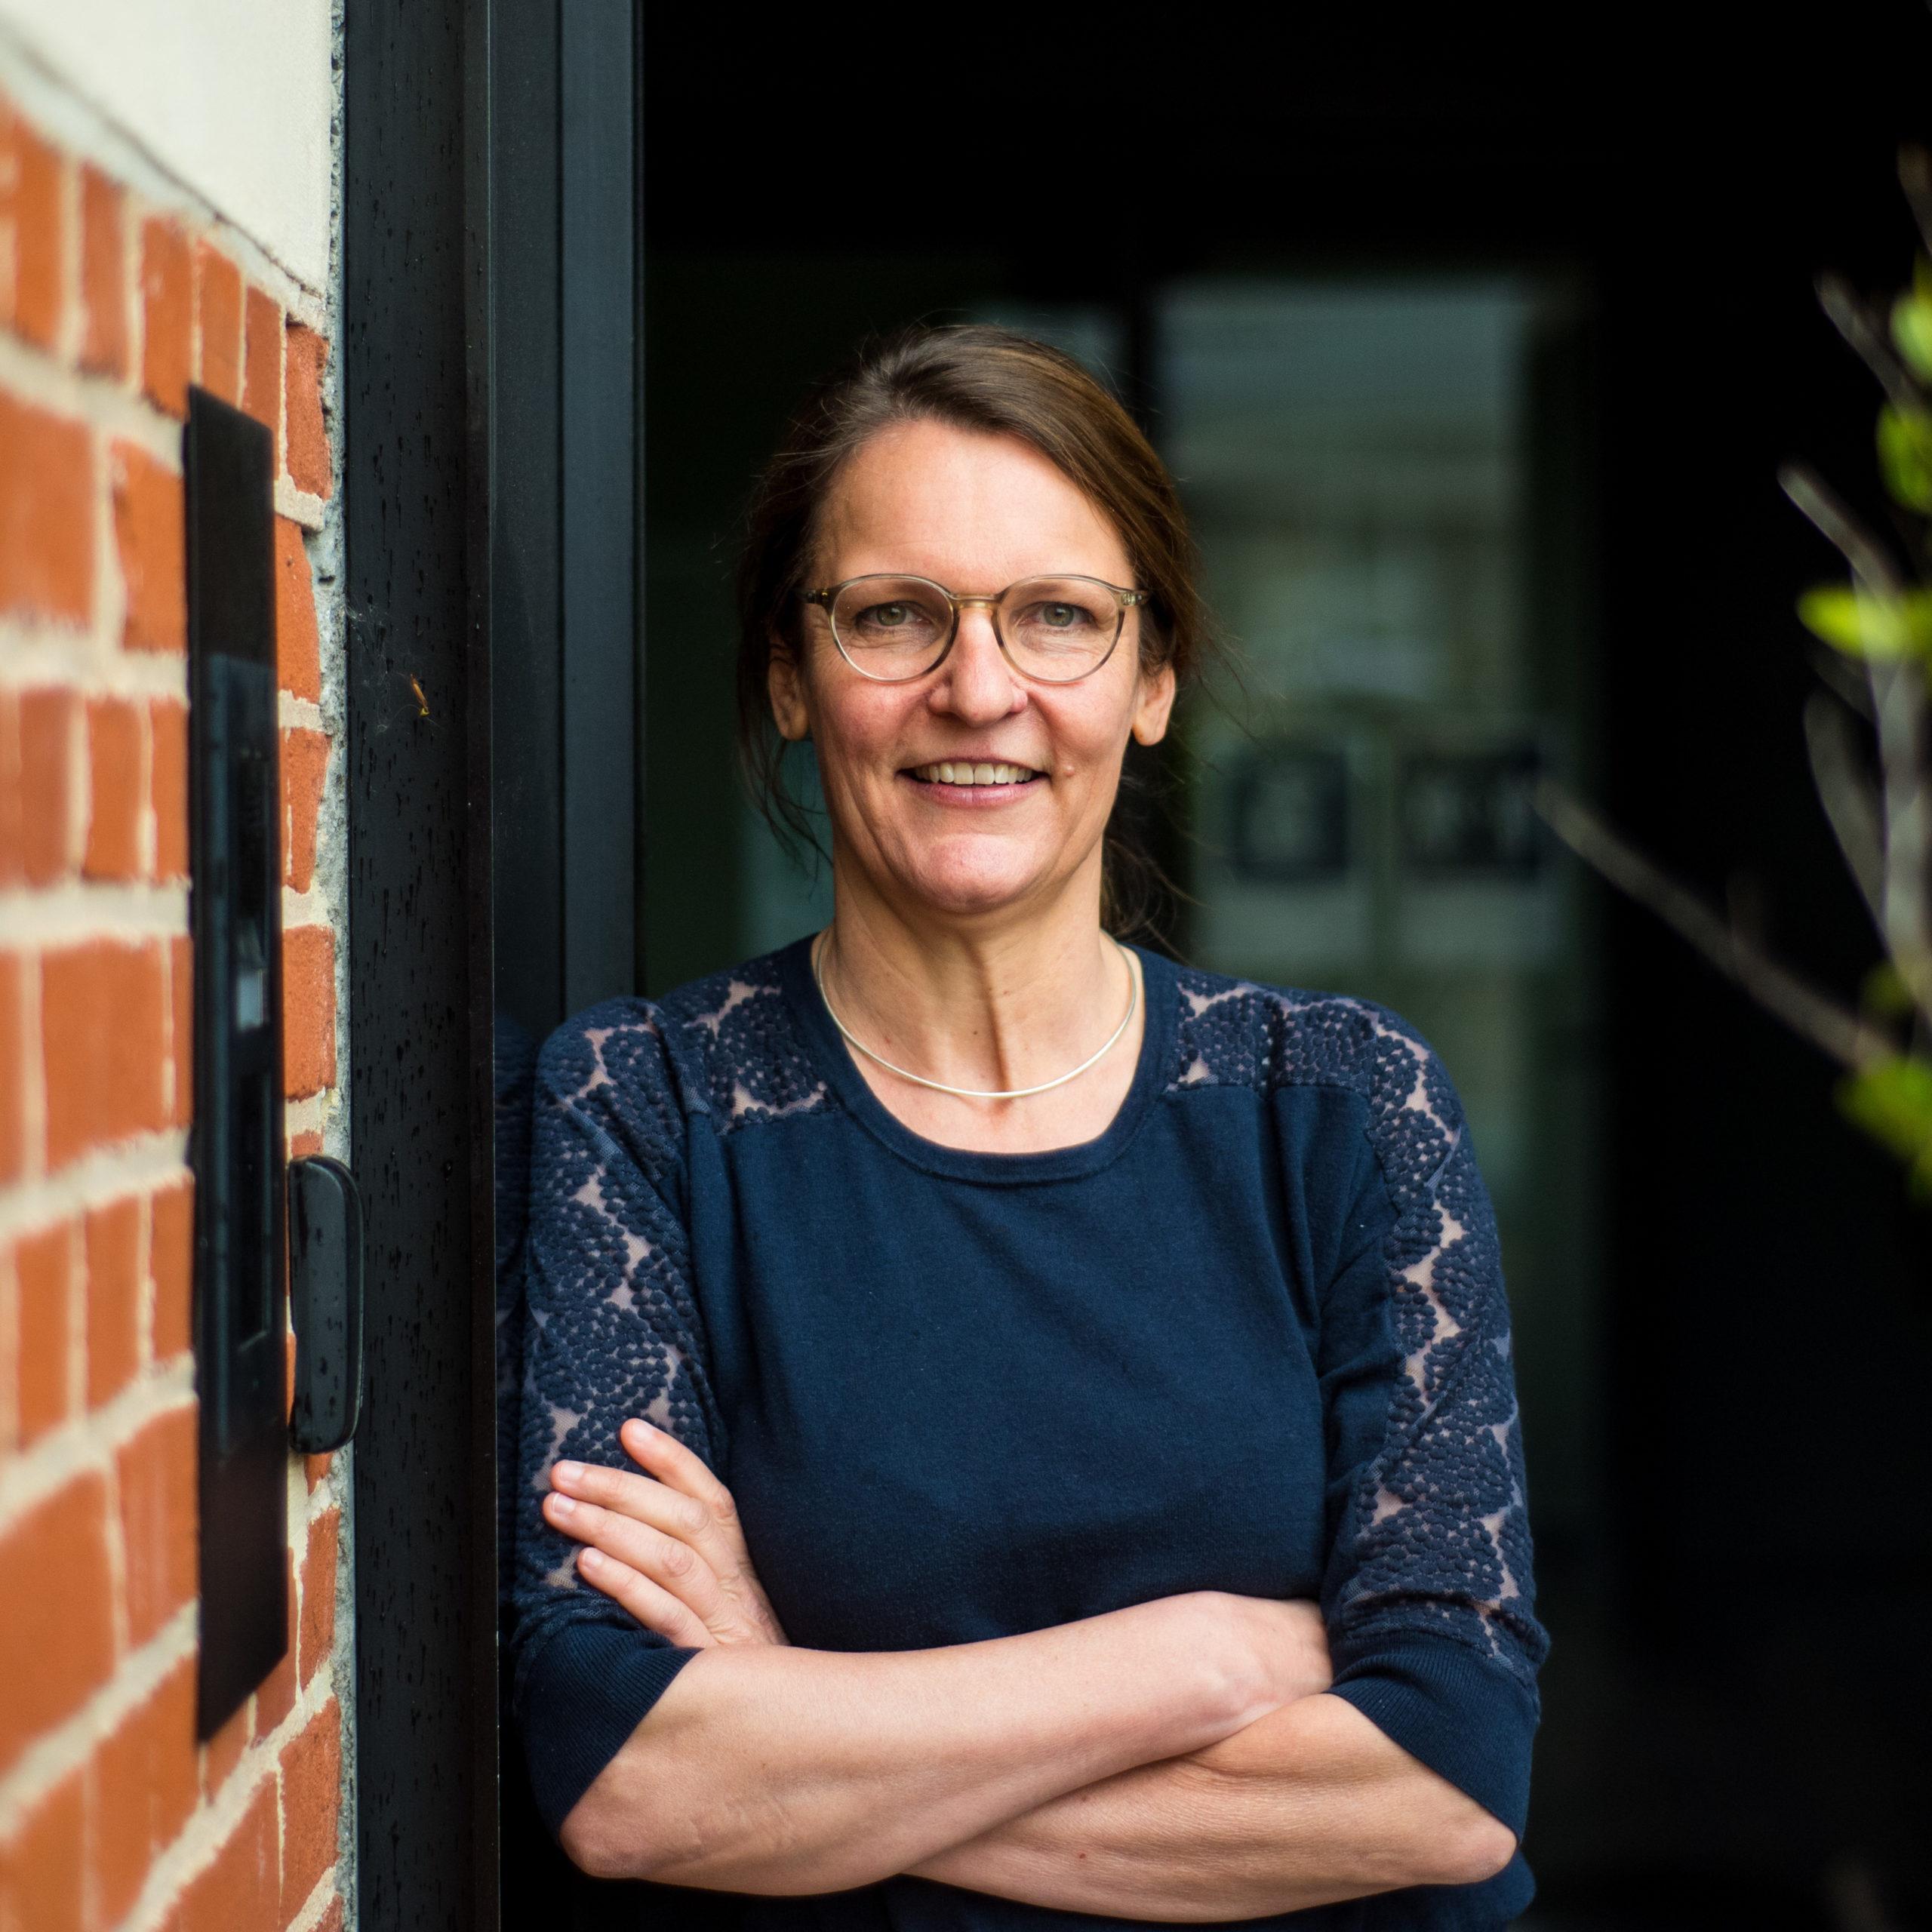 Prof. Dr. Weytjens Caroline